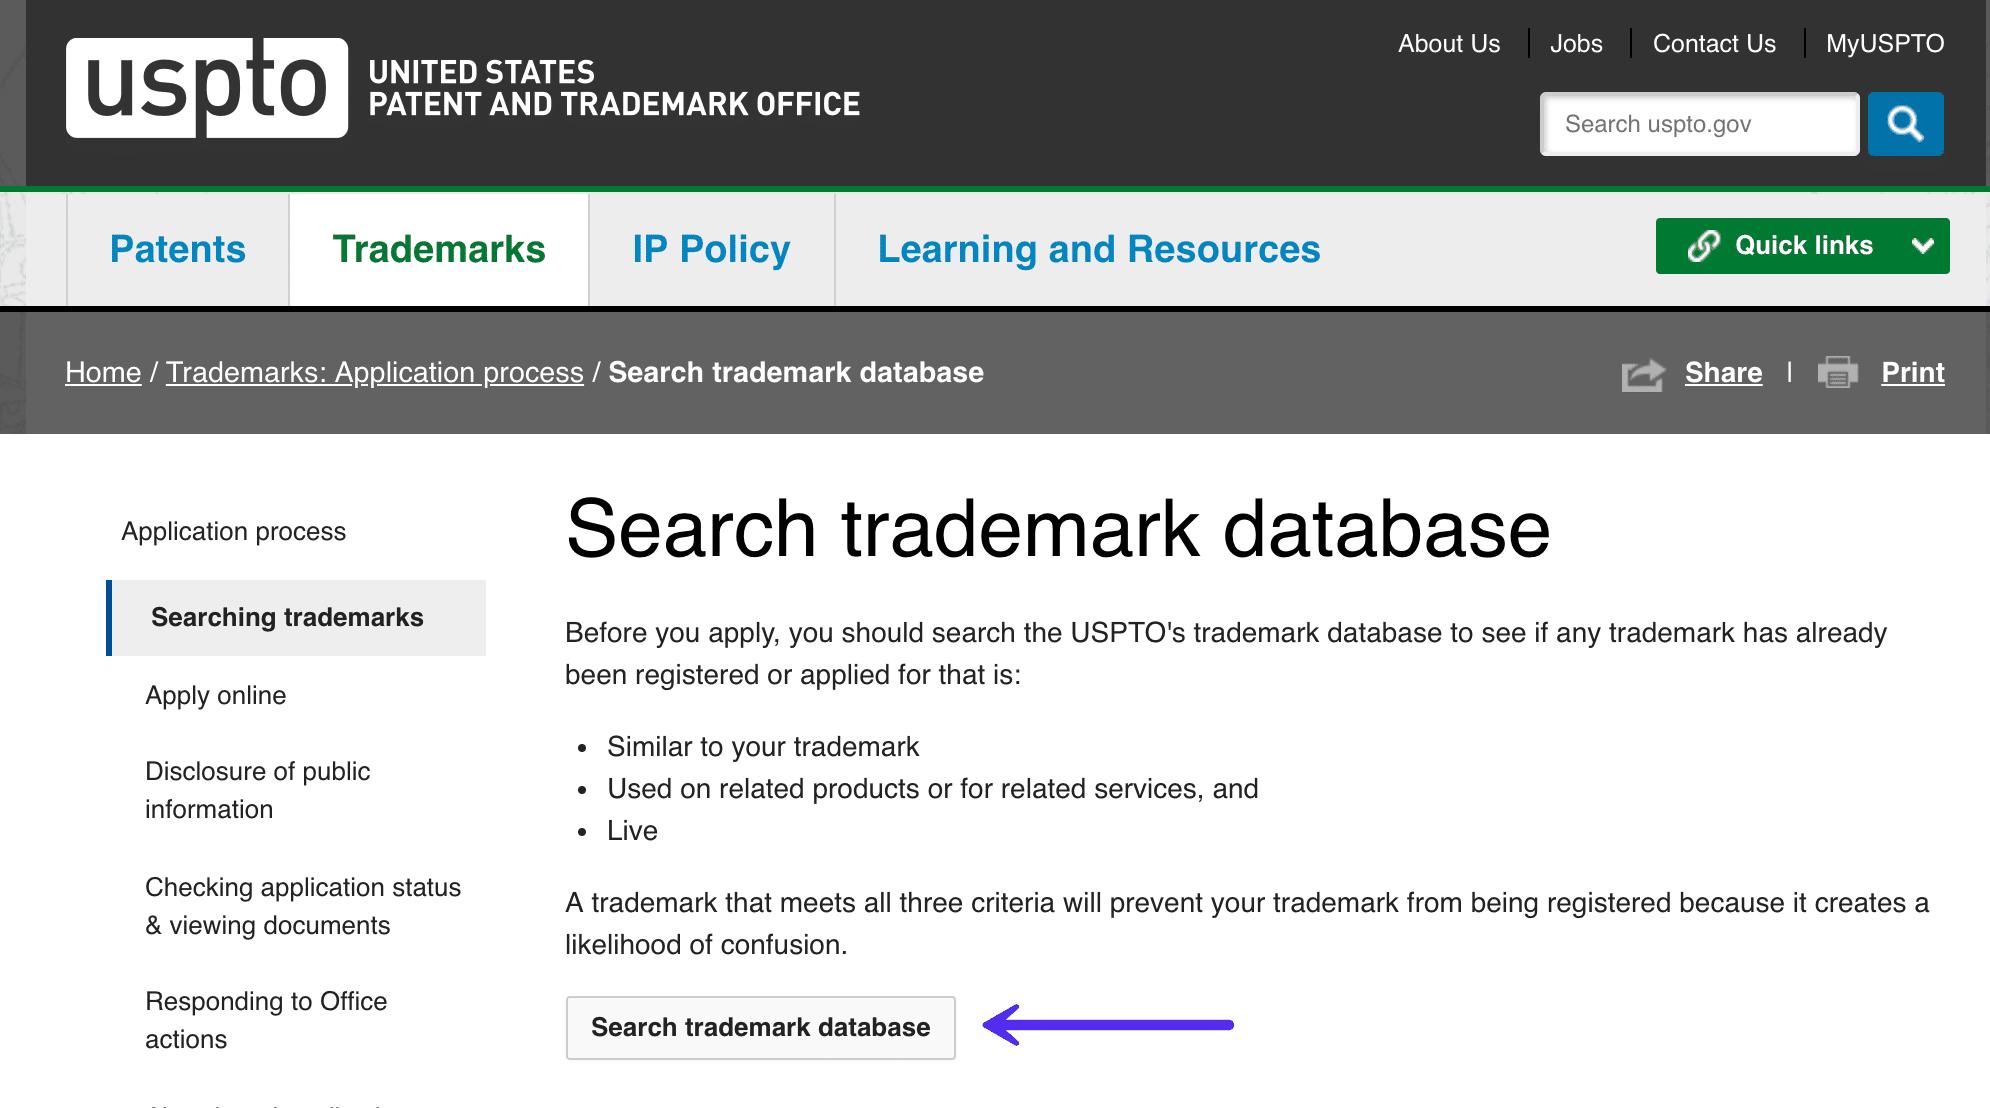 商標データベースの検索